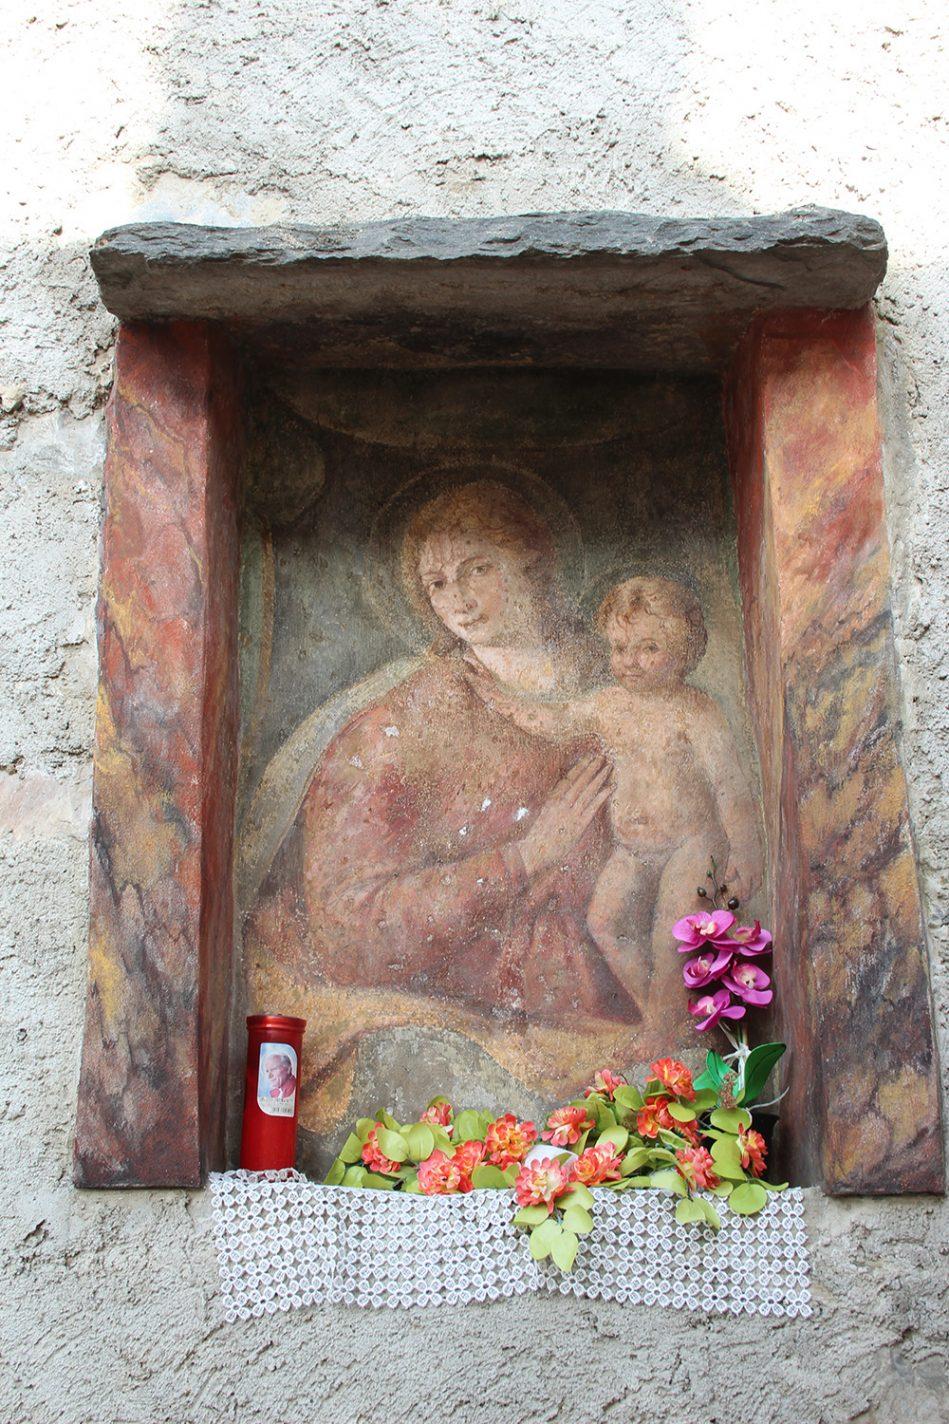 Fresco/mini altaar in een muur langs de kant van de weg